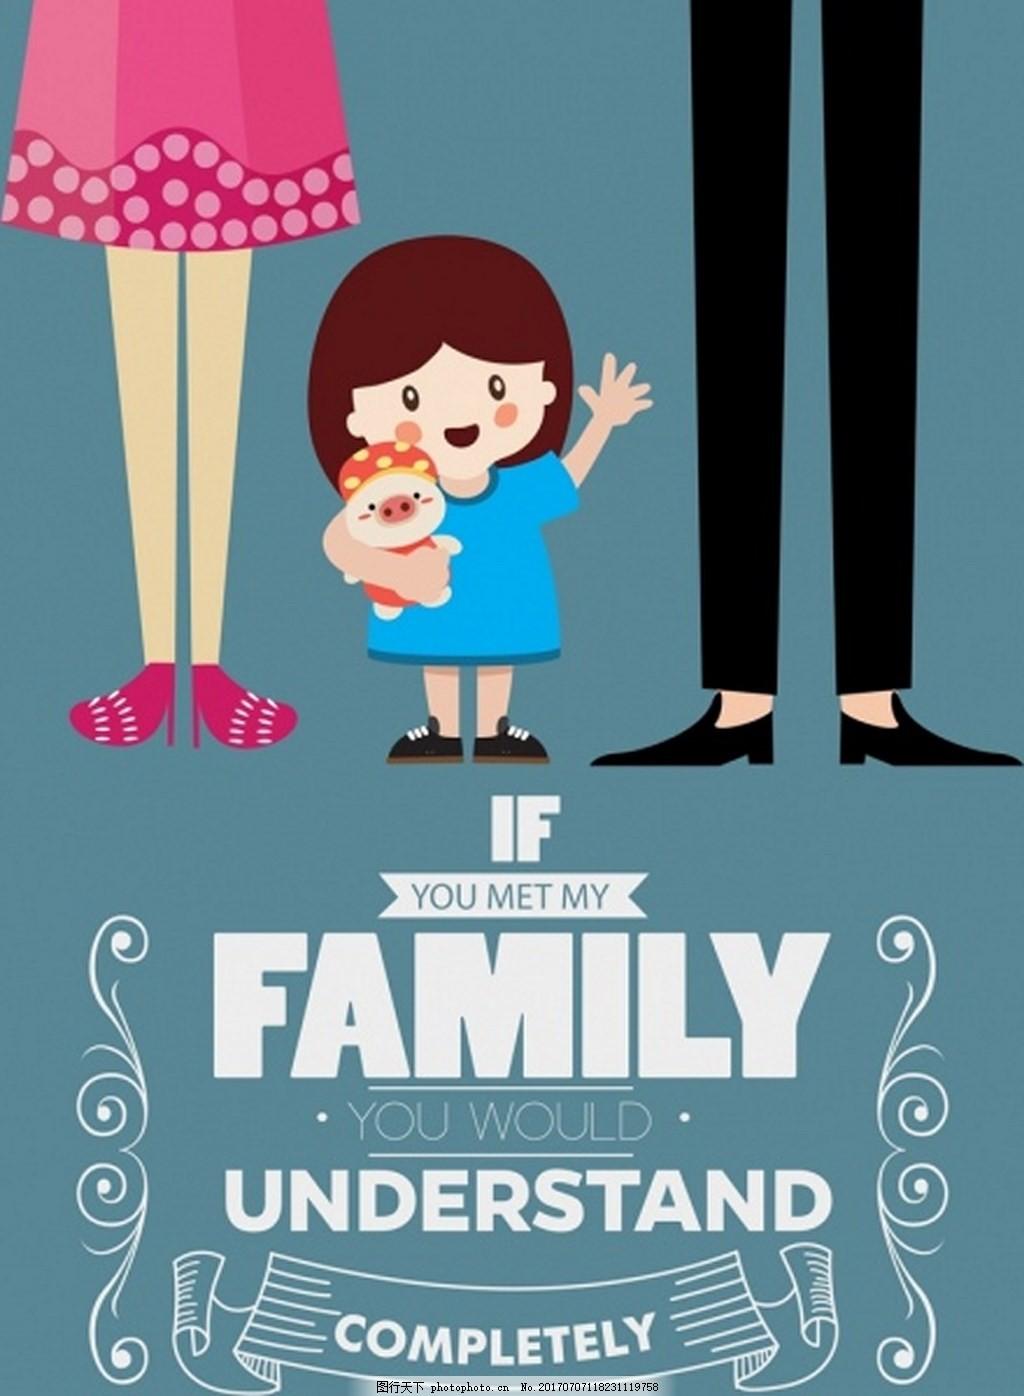 家庭海报可爱女孩卡通设计 家庭图案 矢量背景 家庭 家 爱人 小孩图片